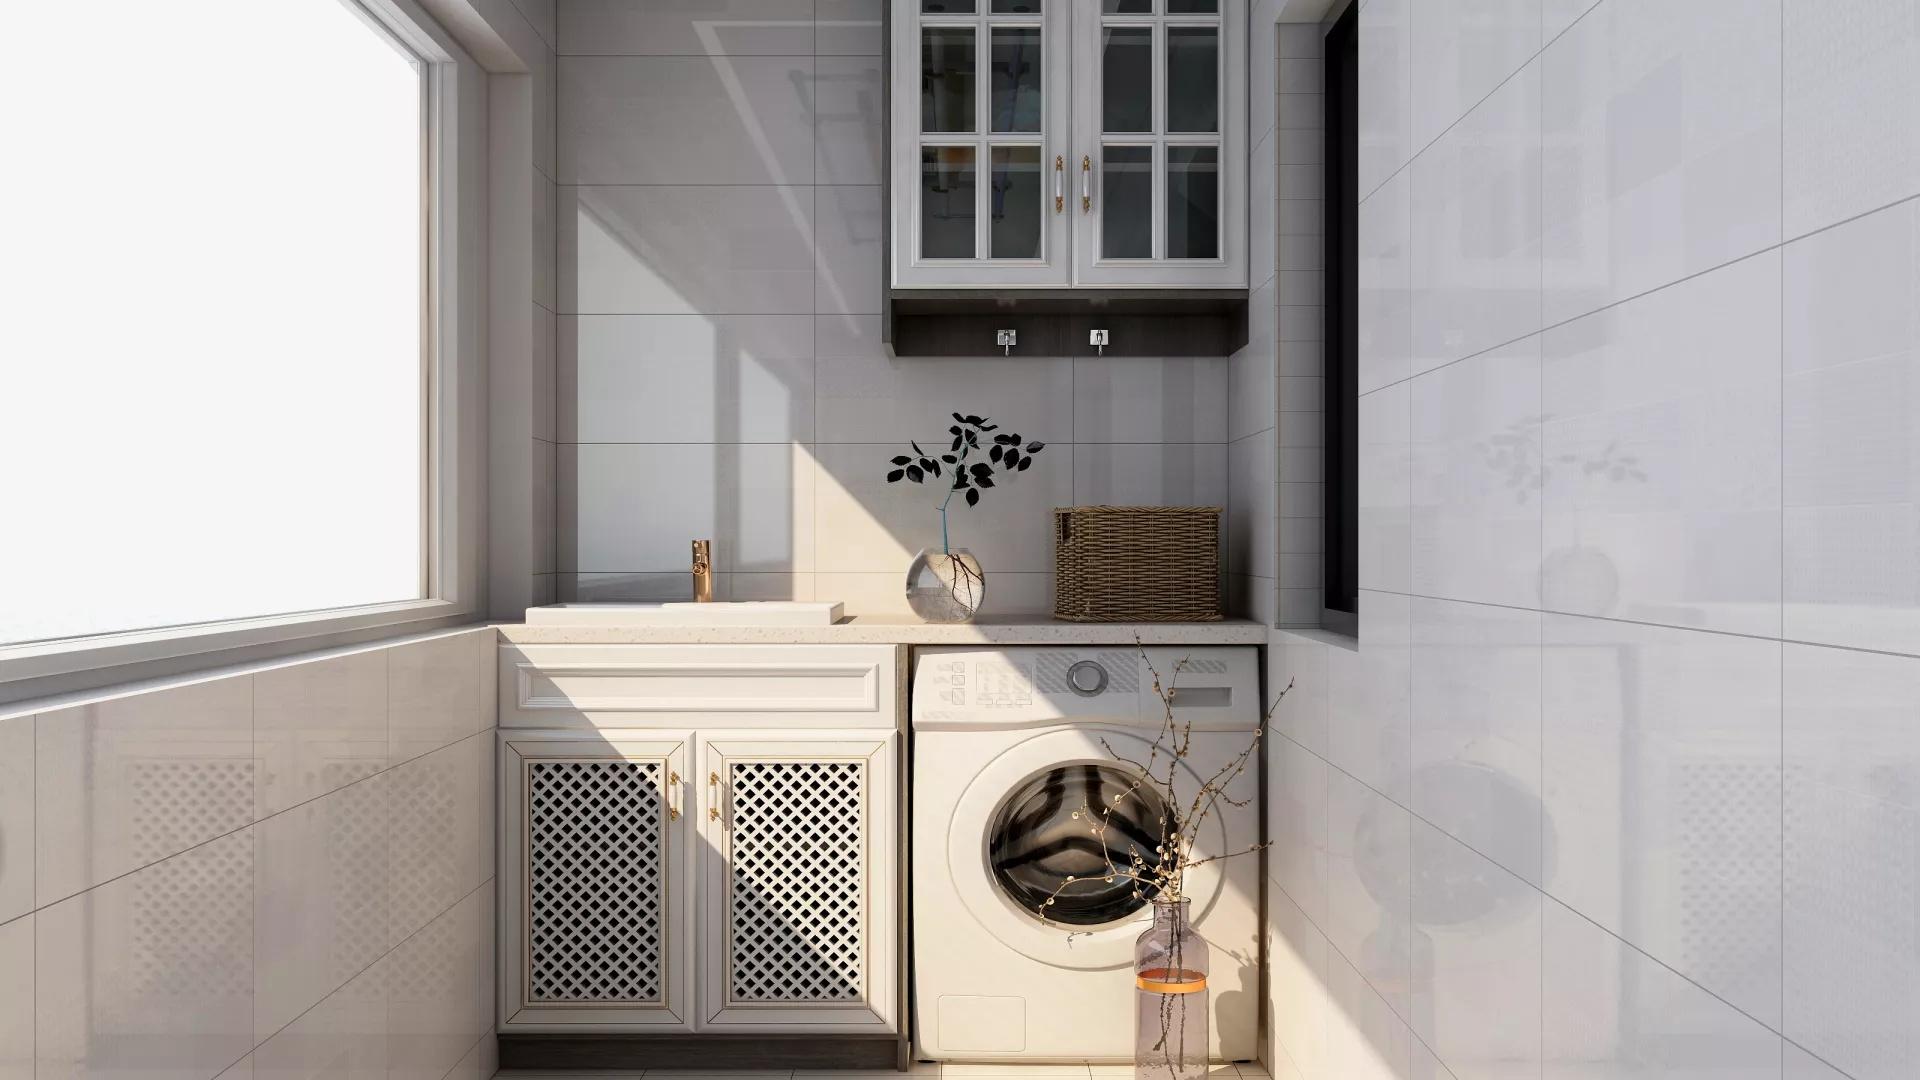 家居裝修設計元素有哪些 家裝怎么設計合理